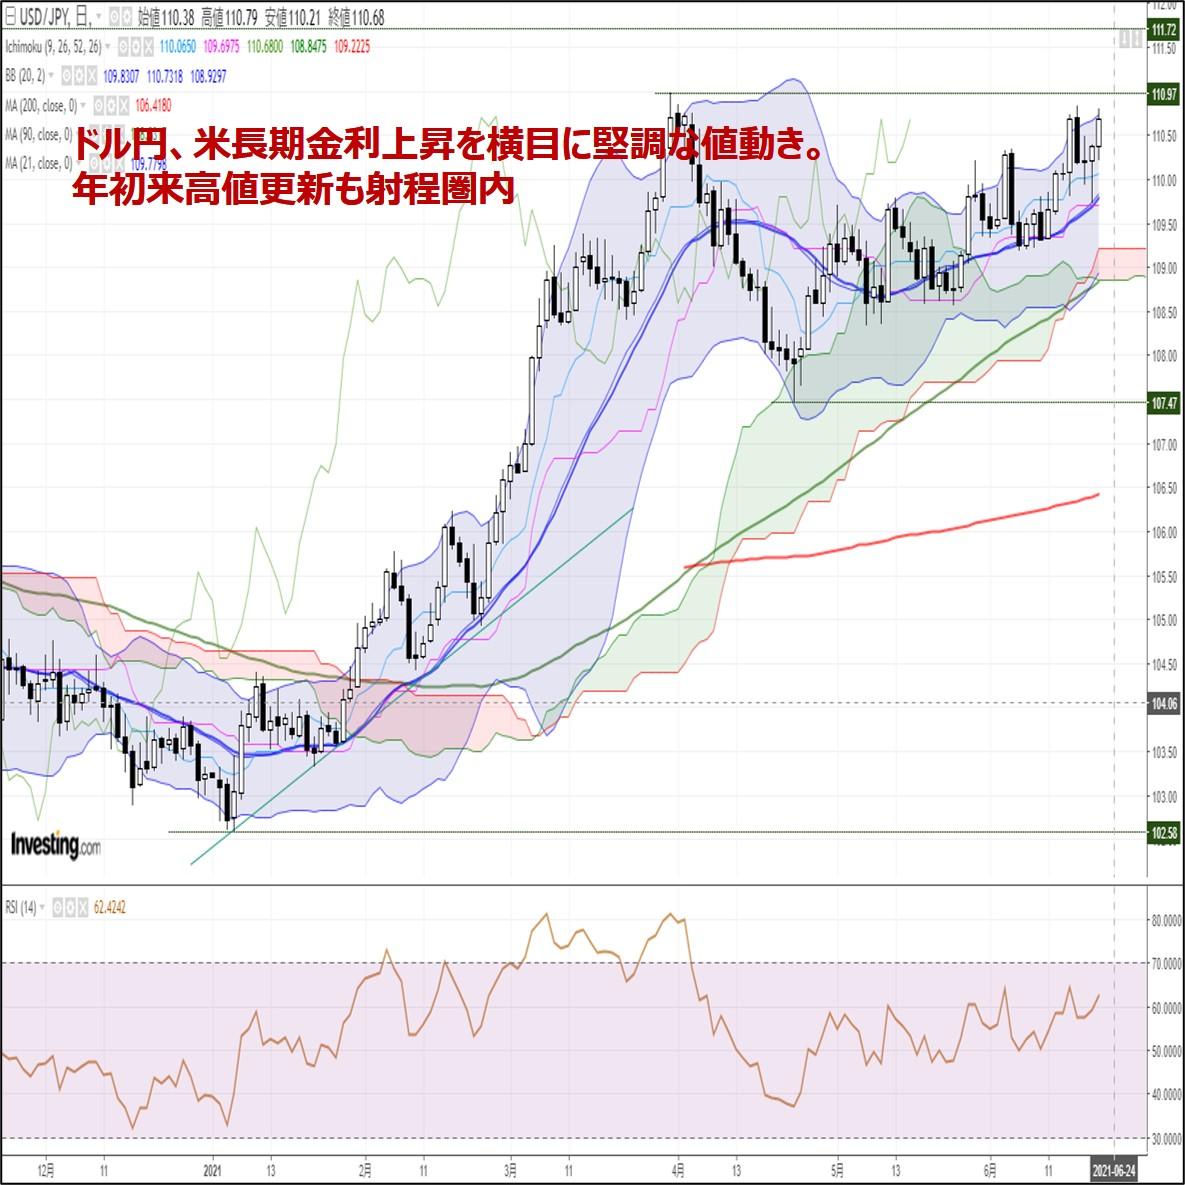 ドル円、米長期金利上昇を横目に堅調な値動き。年初来高値更新も射程圏内